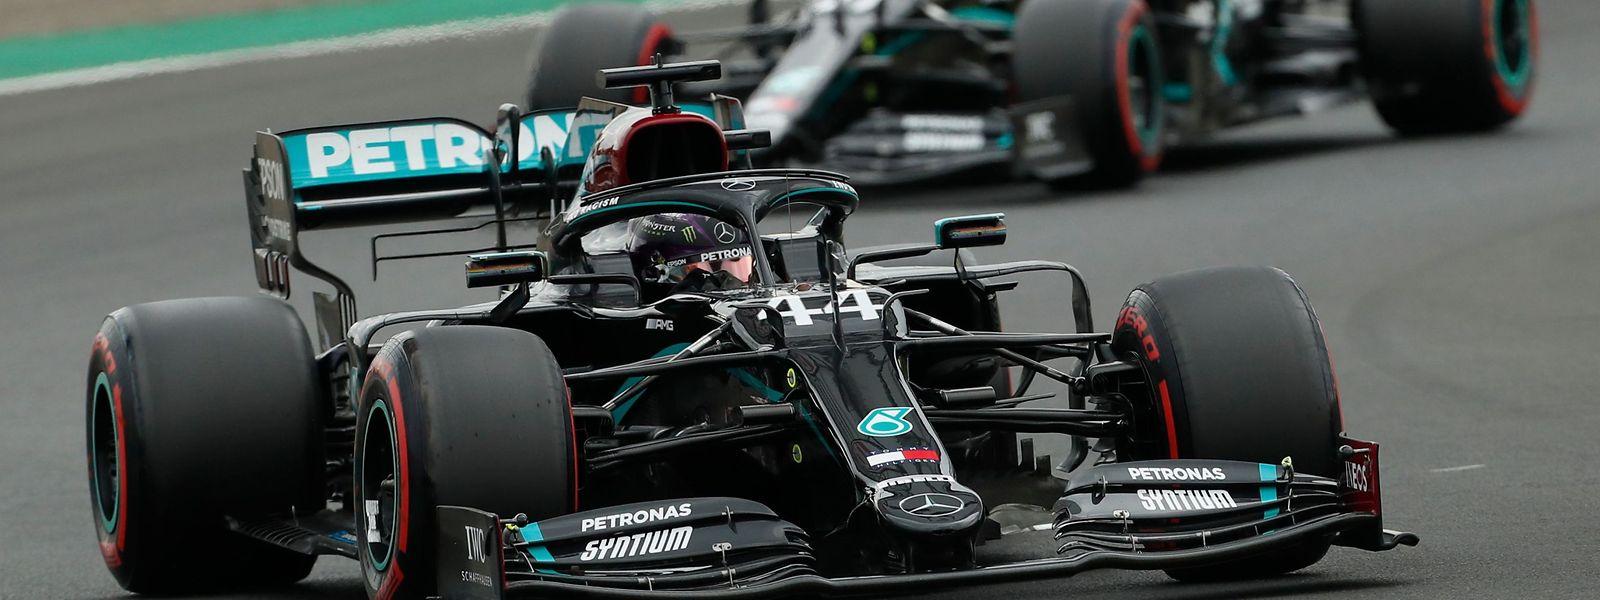 Weltmeister Lewis Hamilton (Großbritannien) hat sich im dritten Formel-1-Rennen der Saison die 90. Pole Position seiner Karriere gesichert.